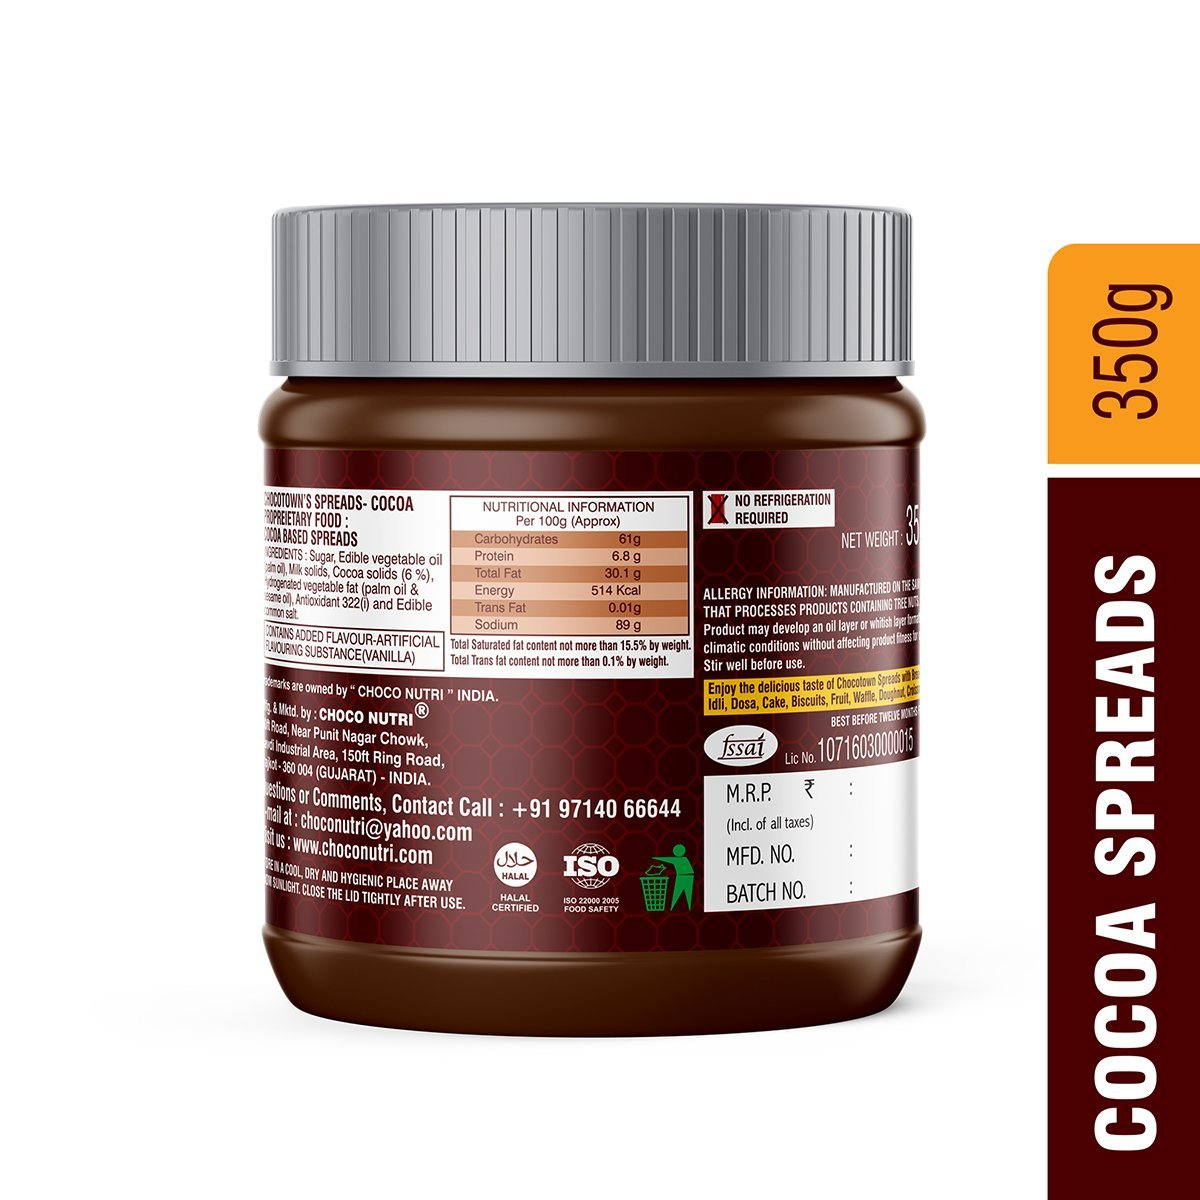 Chocotown Spreads Cocoa spread - Unnati Enterprises